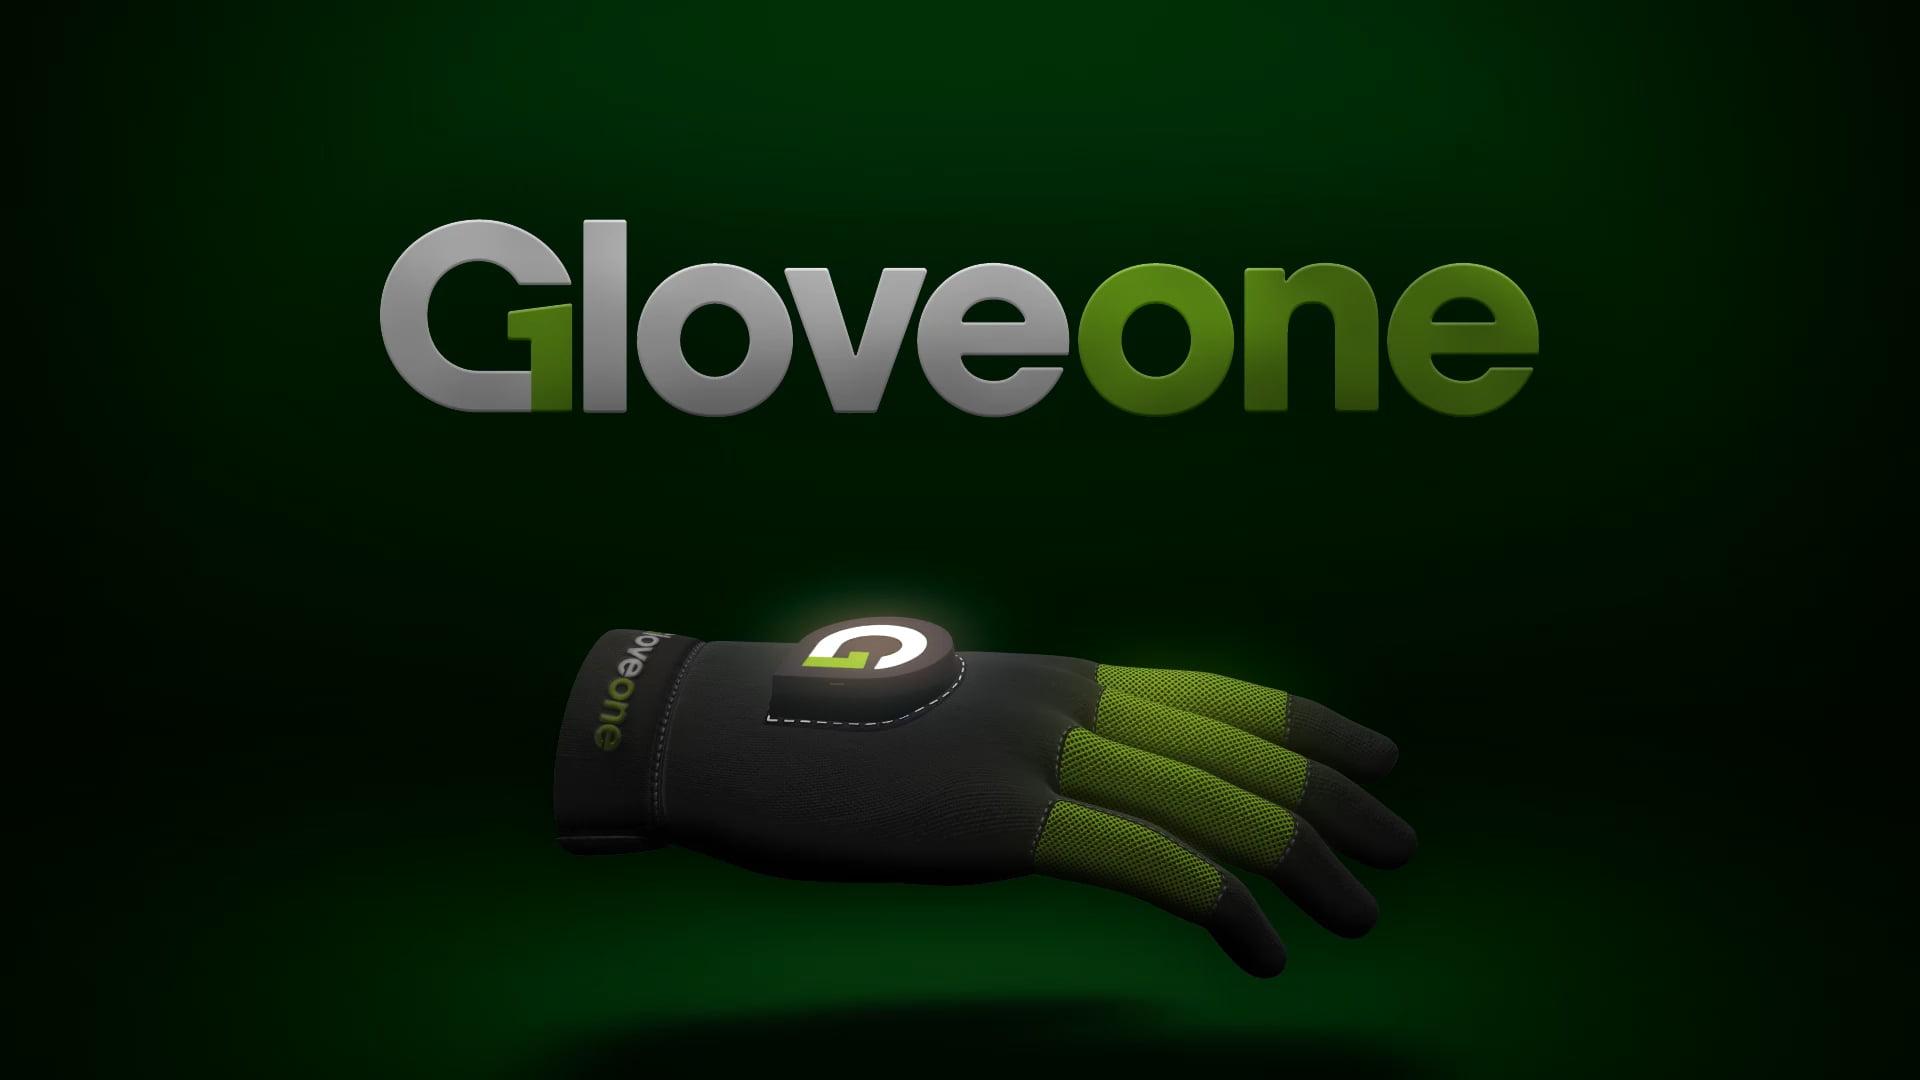 GloveOne soll Gefühl in Virtual Reality bringen. Mit dem Handschuh kann der Nutzer virtuelle Gegenstände berühren und beispielsweise Gewicht oder Oberflächenstruktur erkennen.